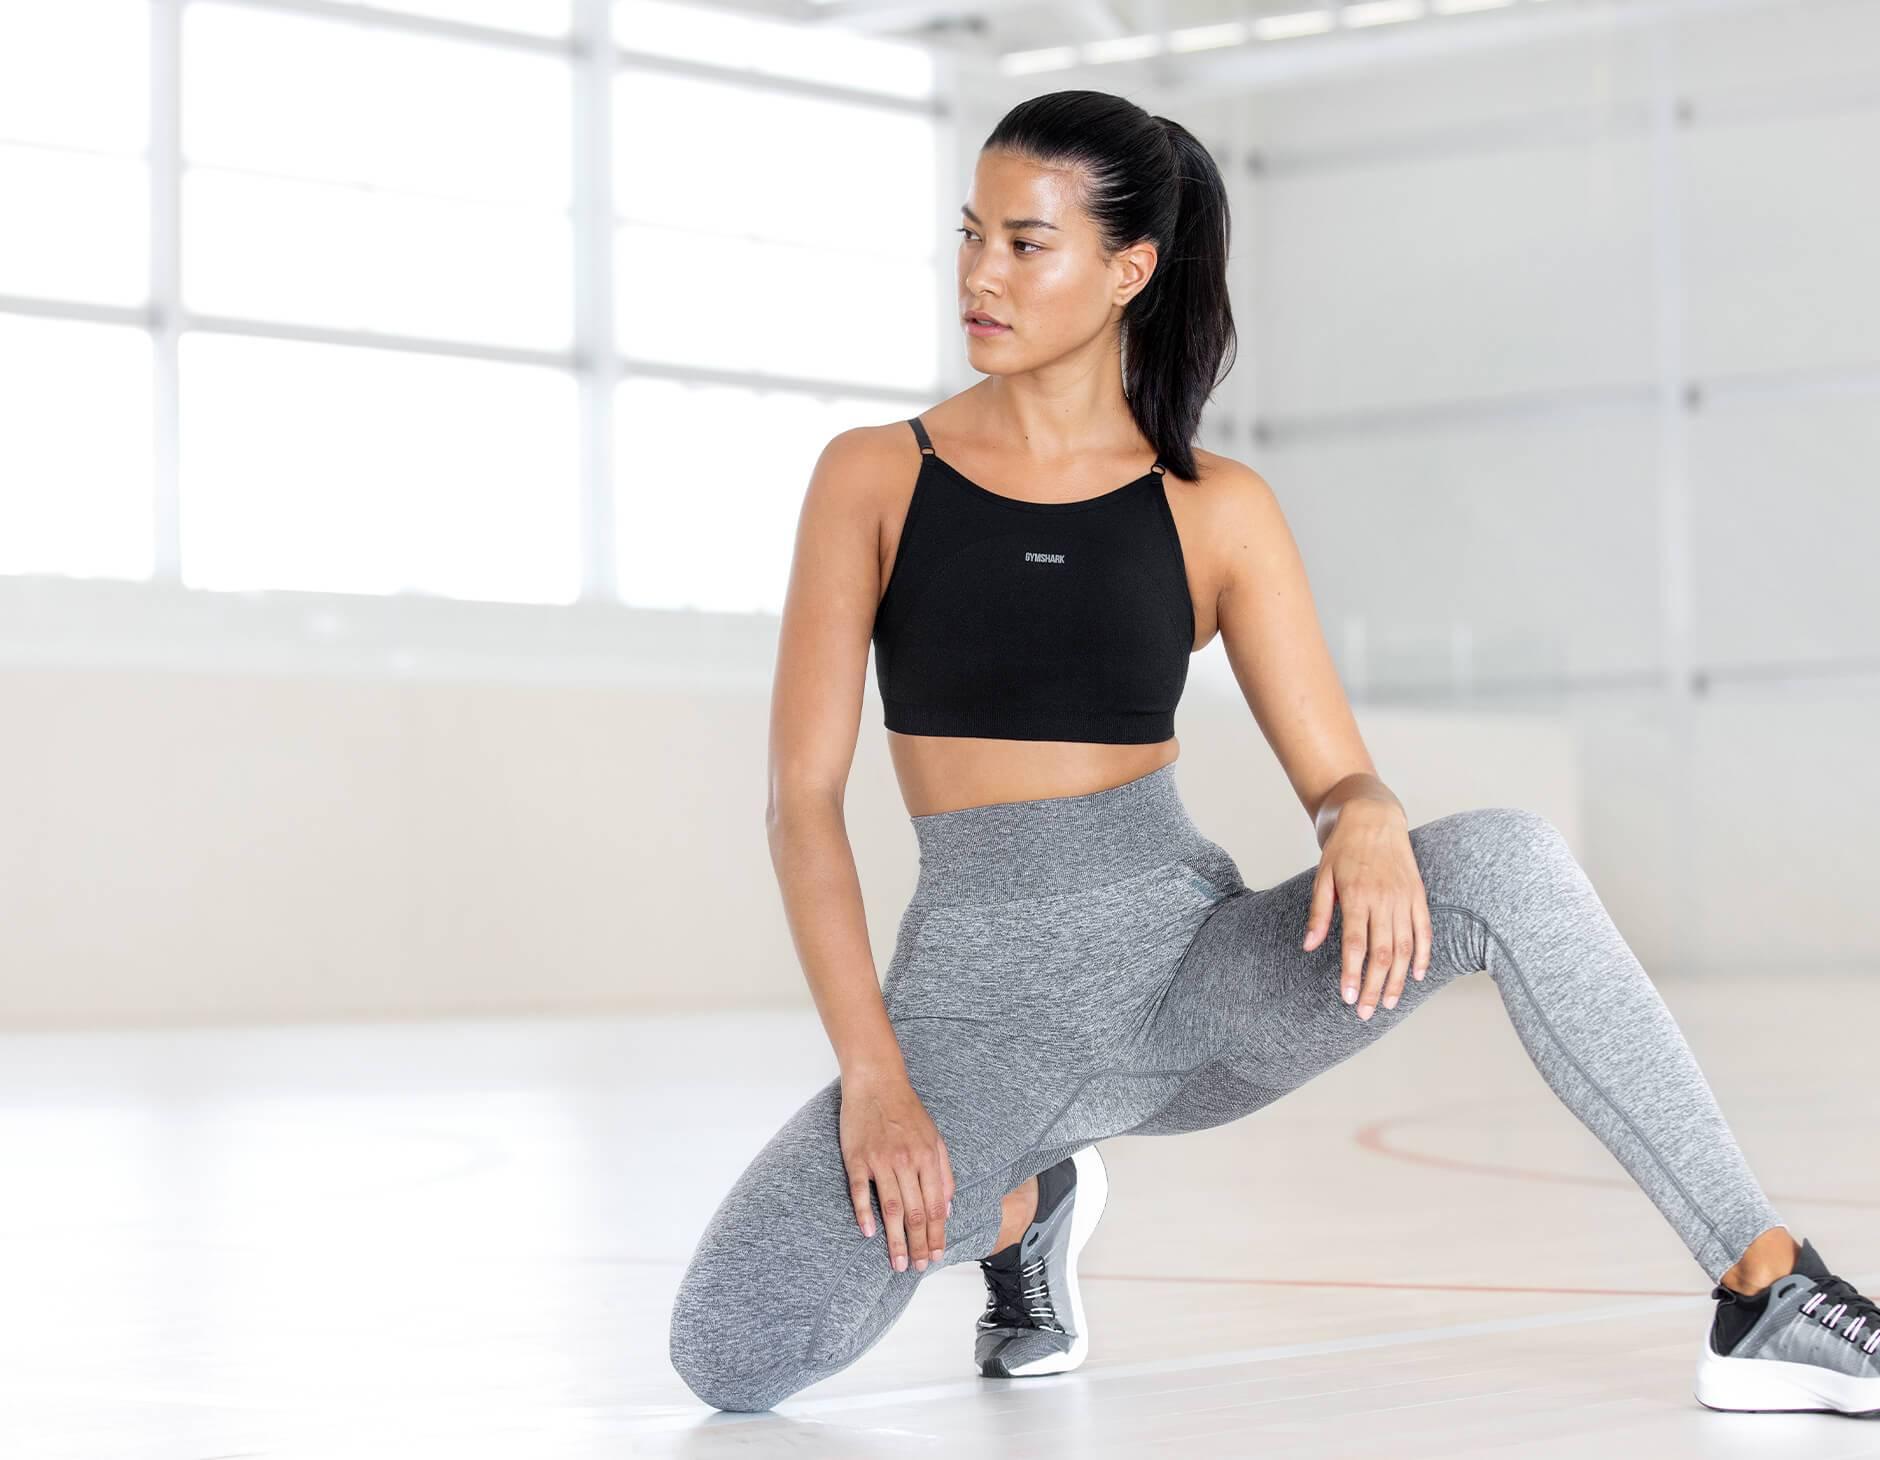 Ein weibliches Model, das sich in der Gymshark Flex-Kollektion in einer hell erleuchteten Szene hinhockt.